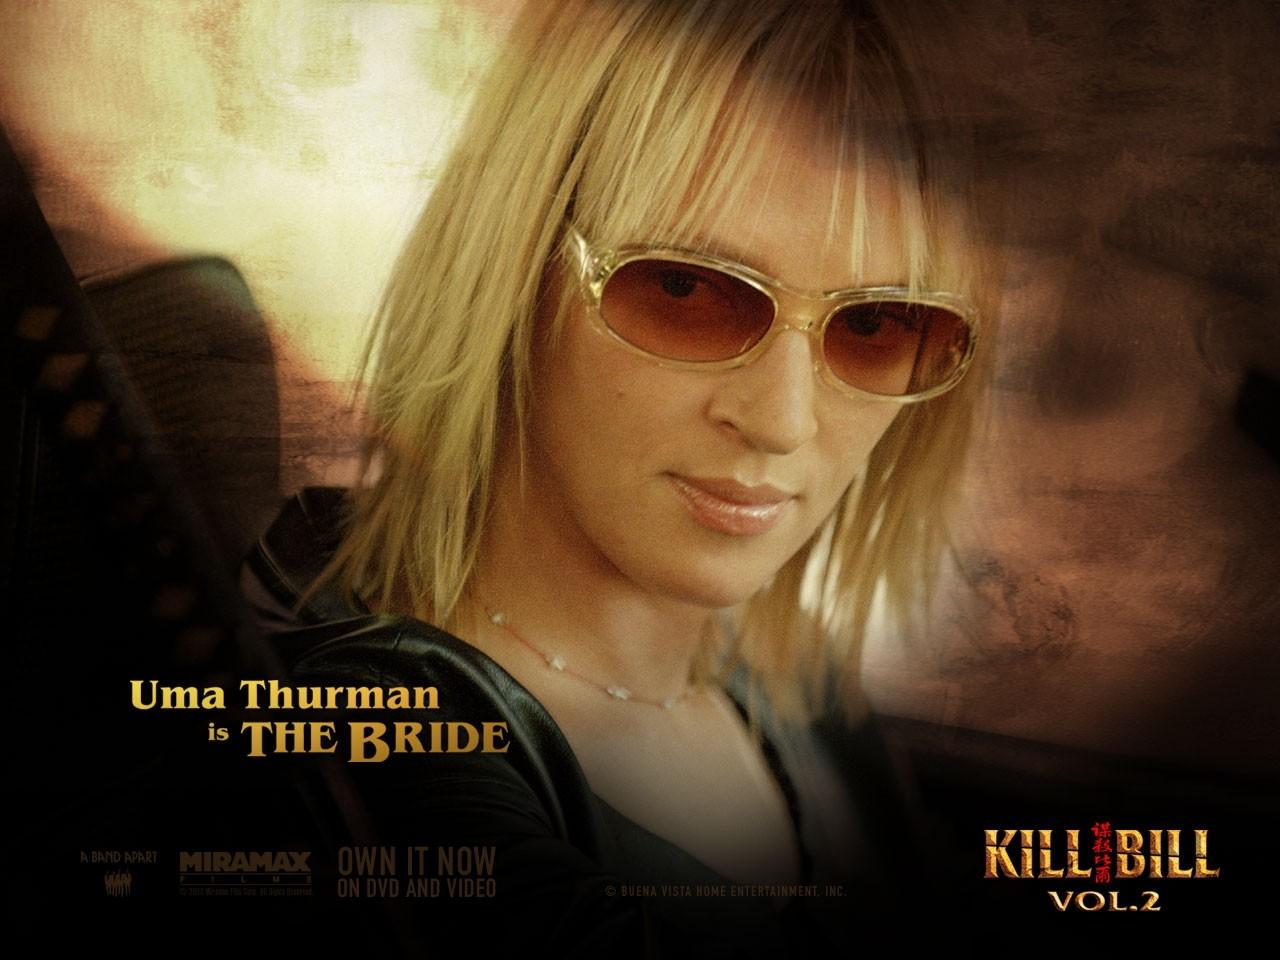 Wallpaper di Uma Thurman in Kill Bill 2